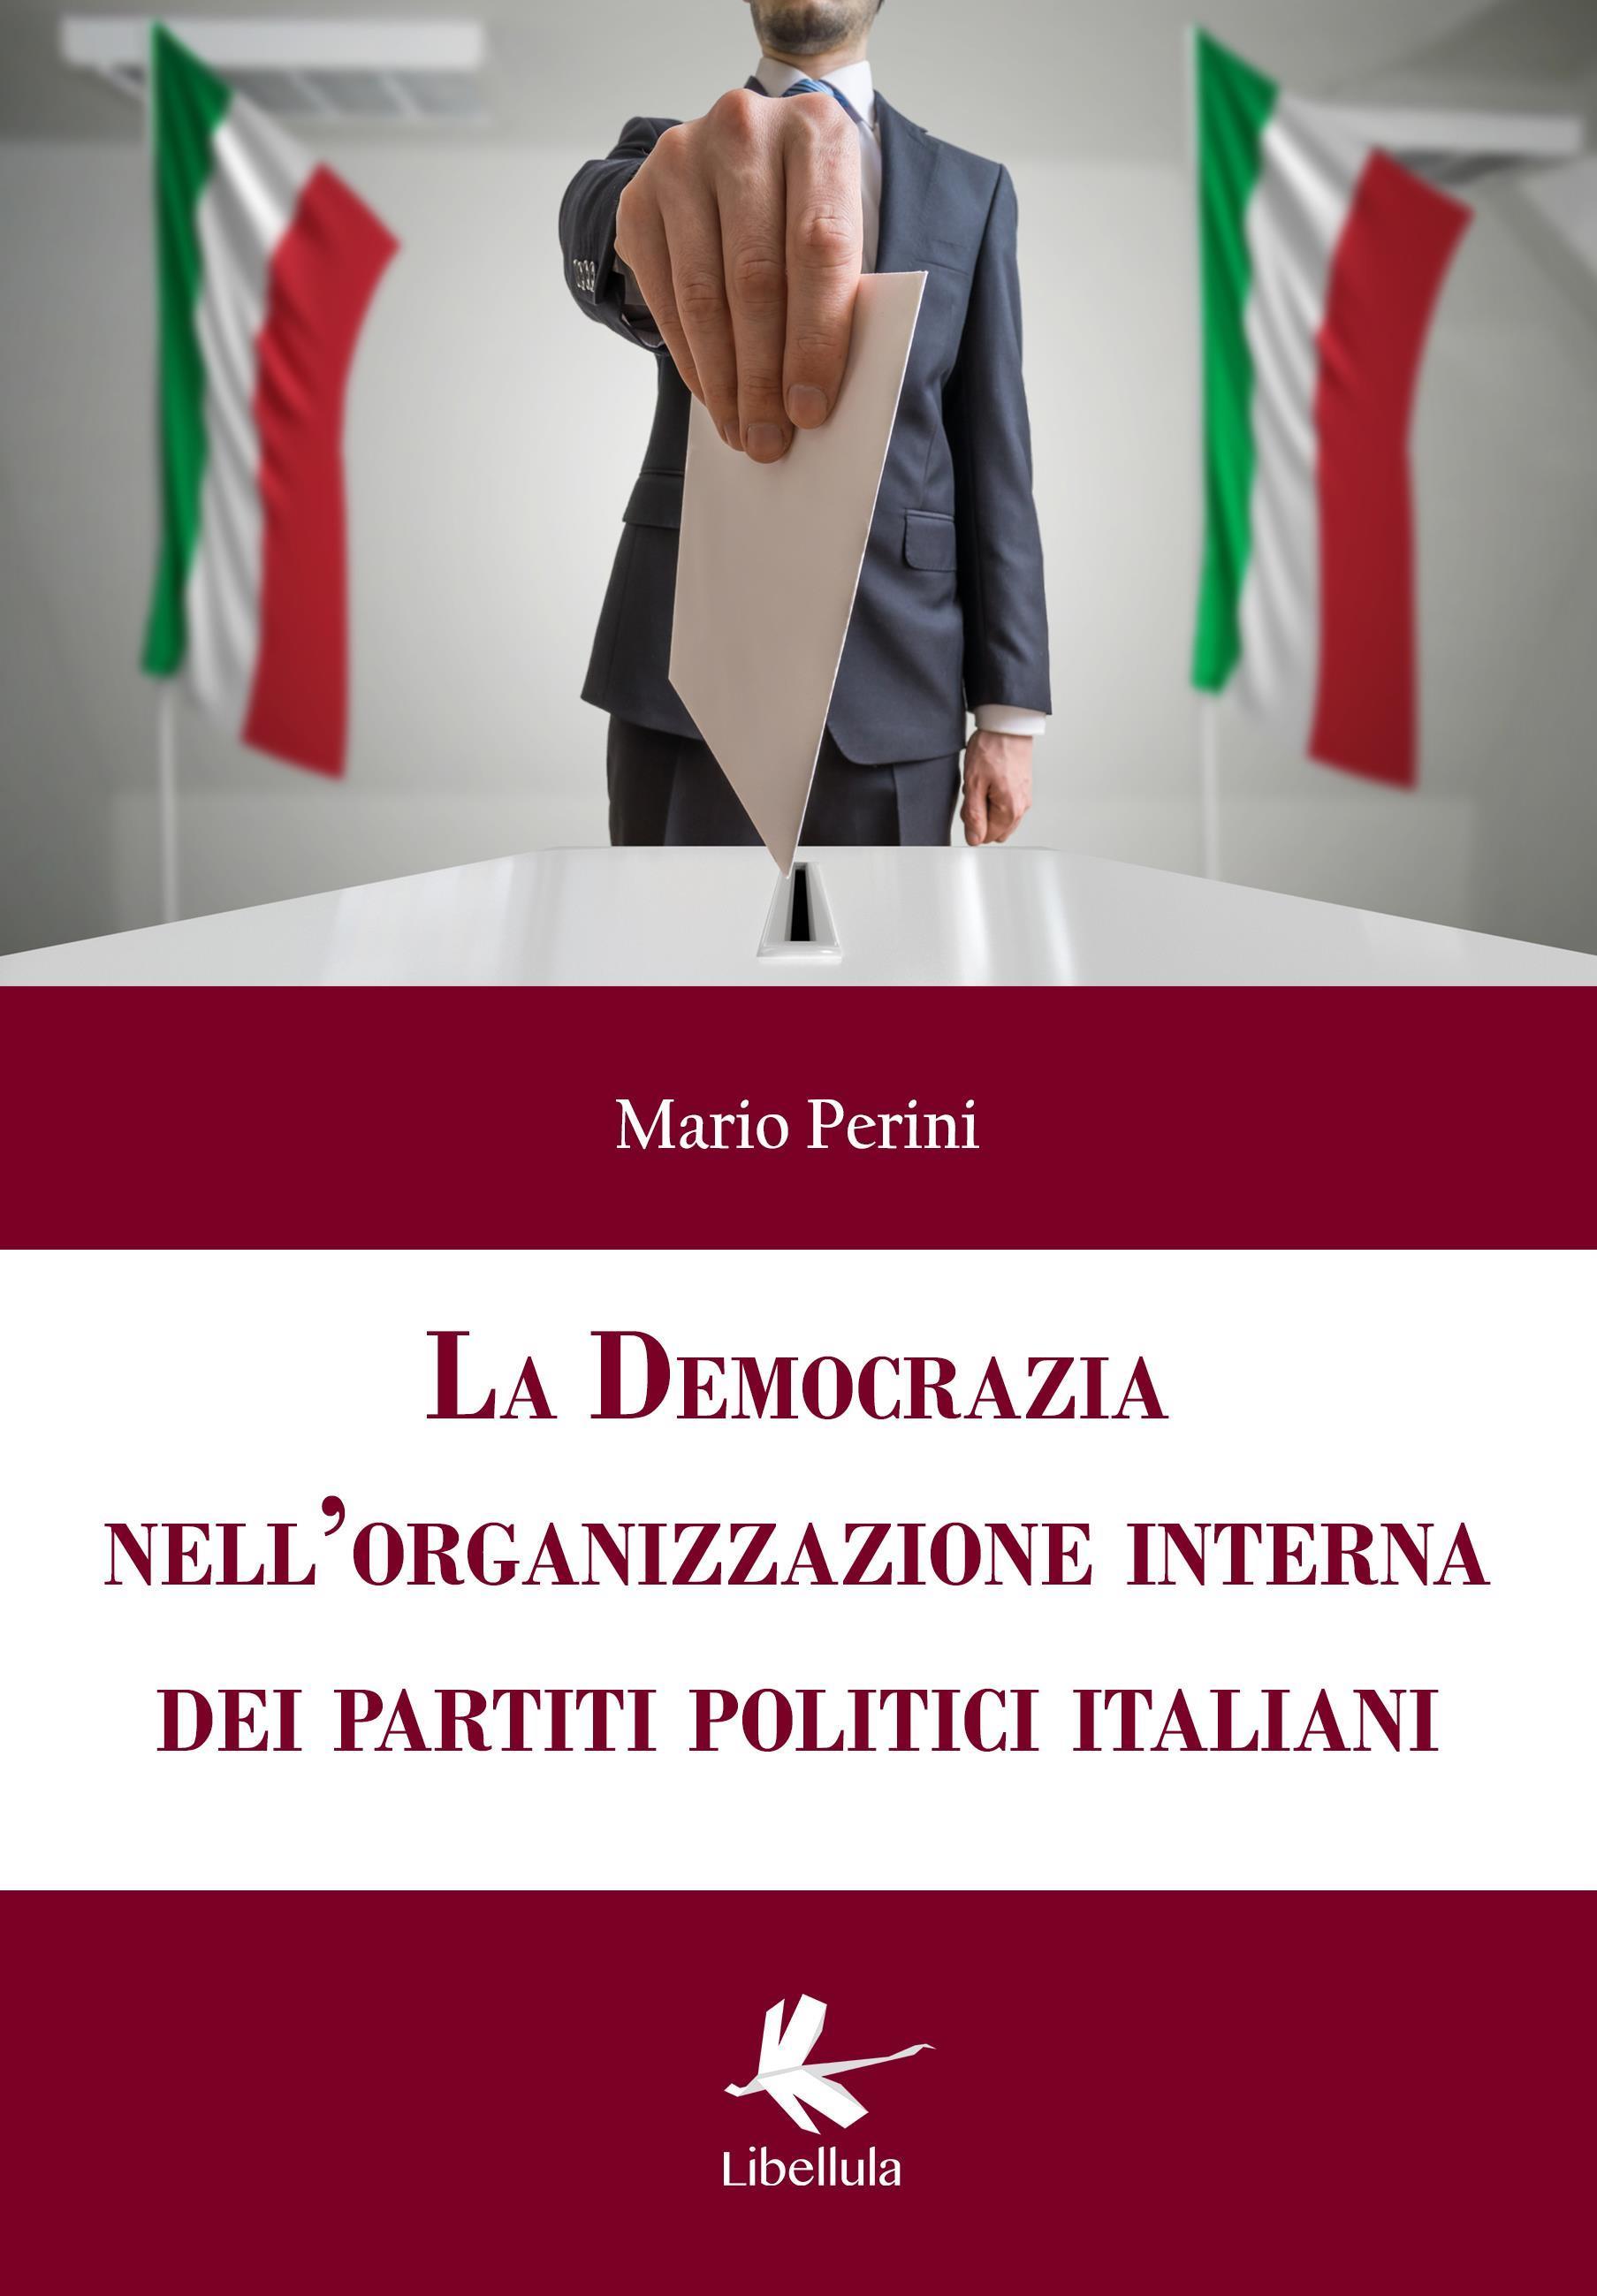 La democrazia nell'organizzazione interna dei partiti politici italiani